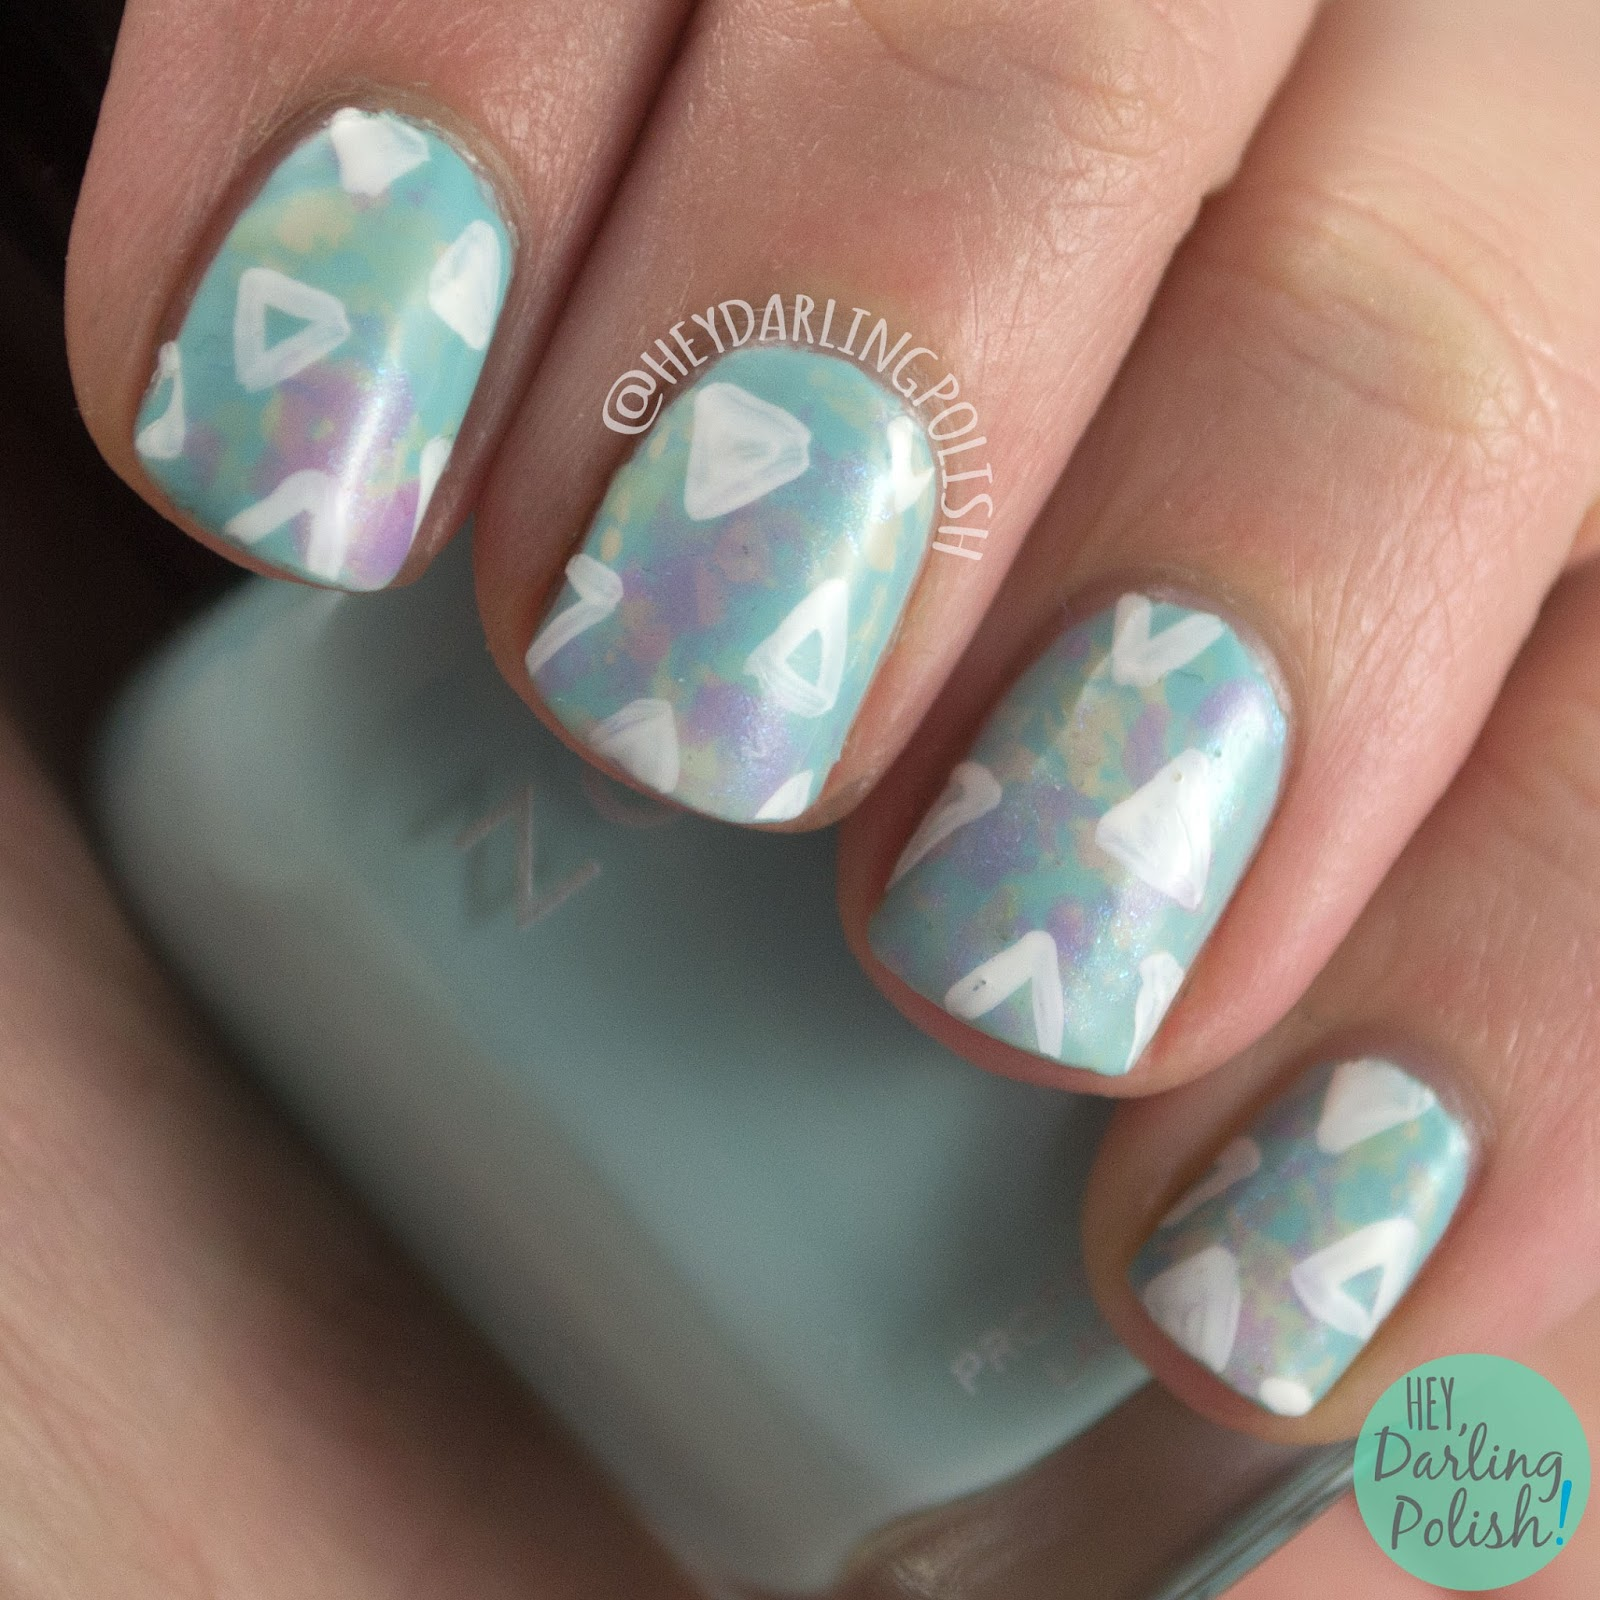 nails, nail art, nail polish, saran wrap, triangles, hey darling polish, pastels, spring